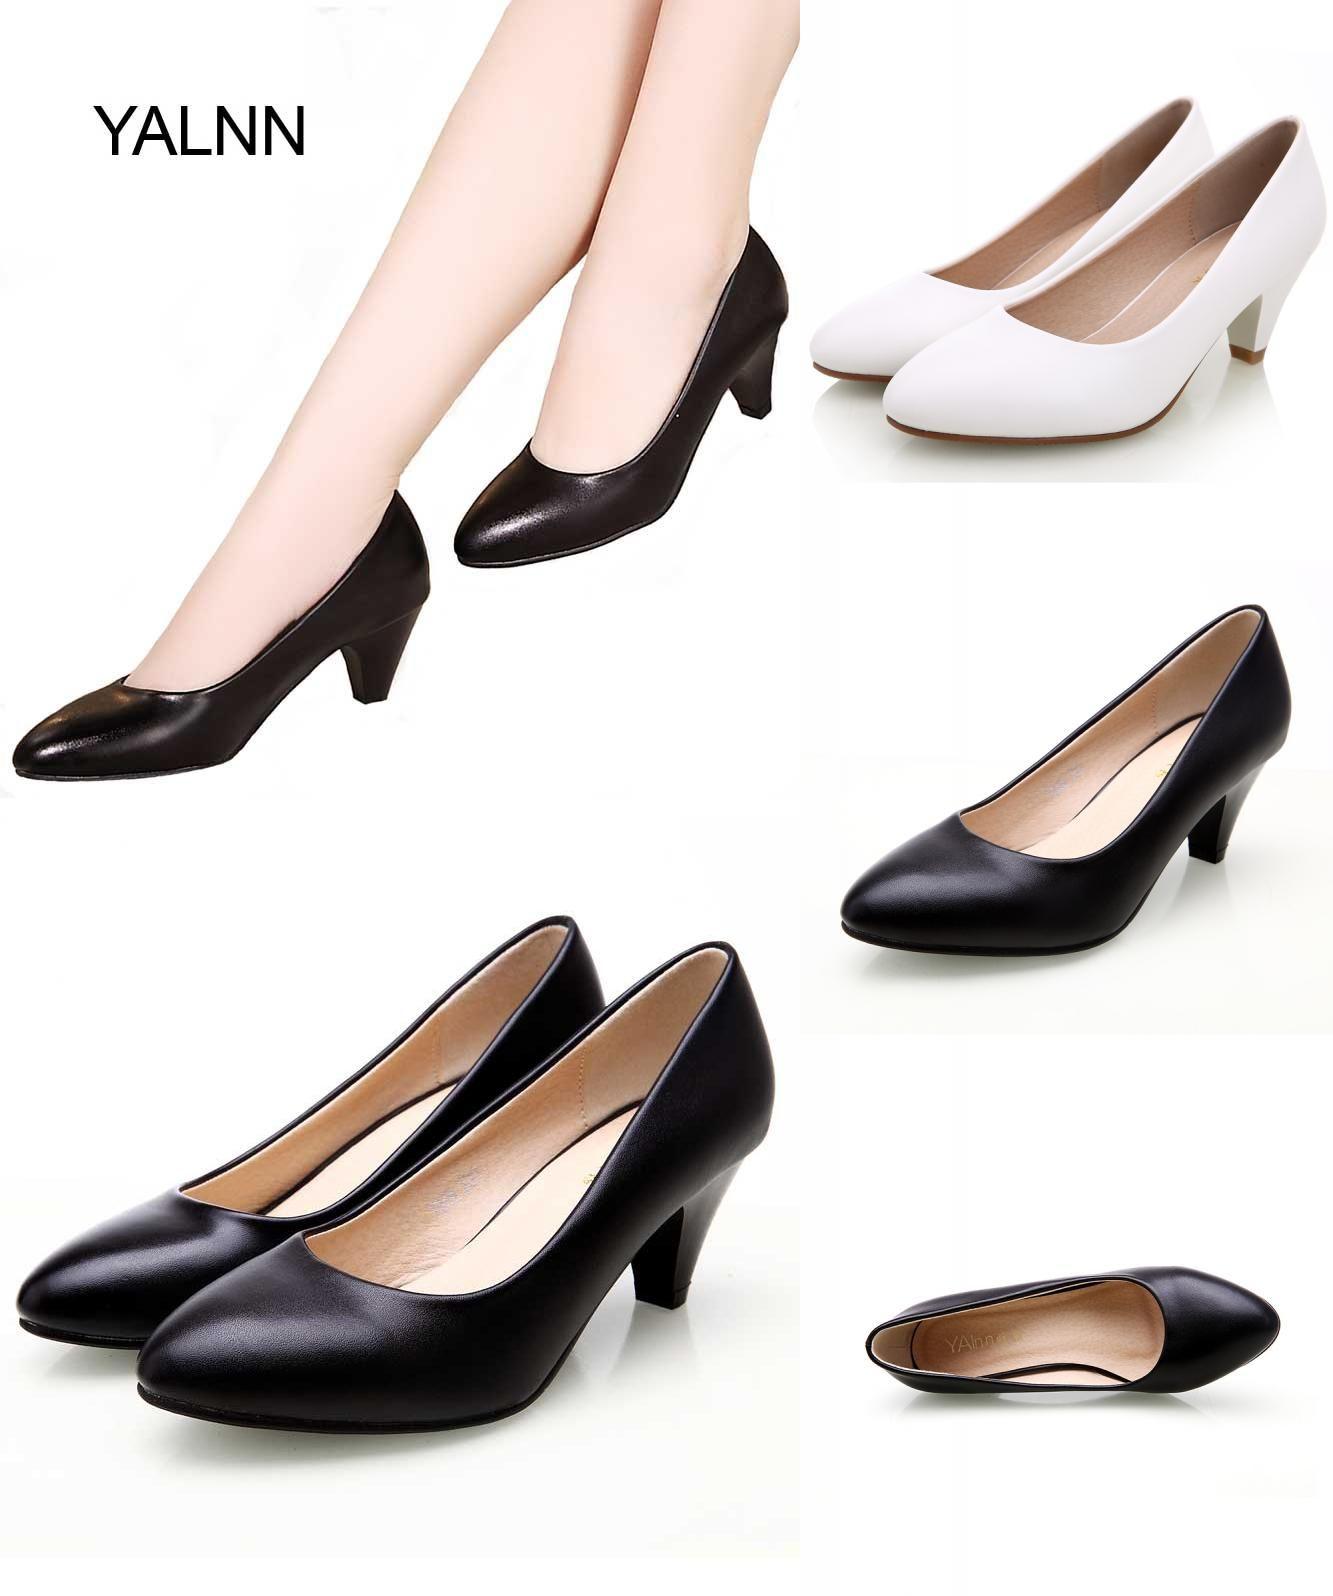 43f748d3ce Visit to Buy] YALNN Black Women Shoes Pumps Ladies Medium Heel Nude ...